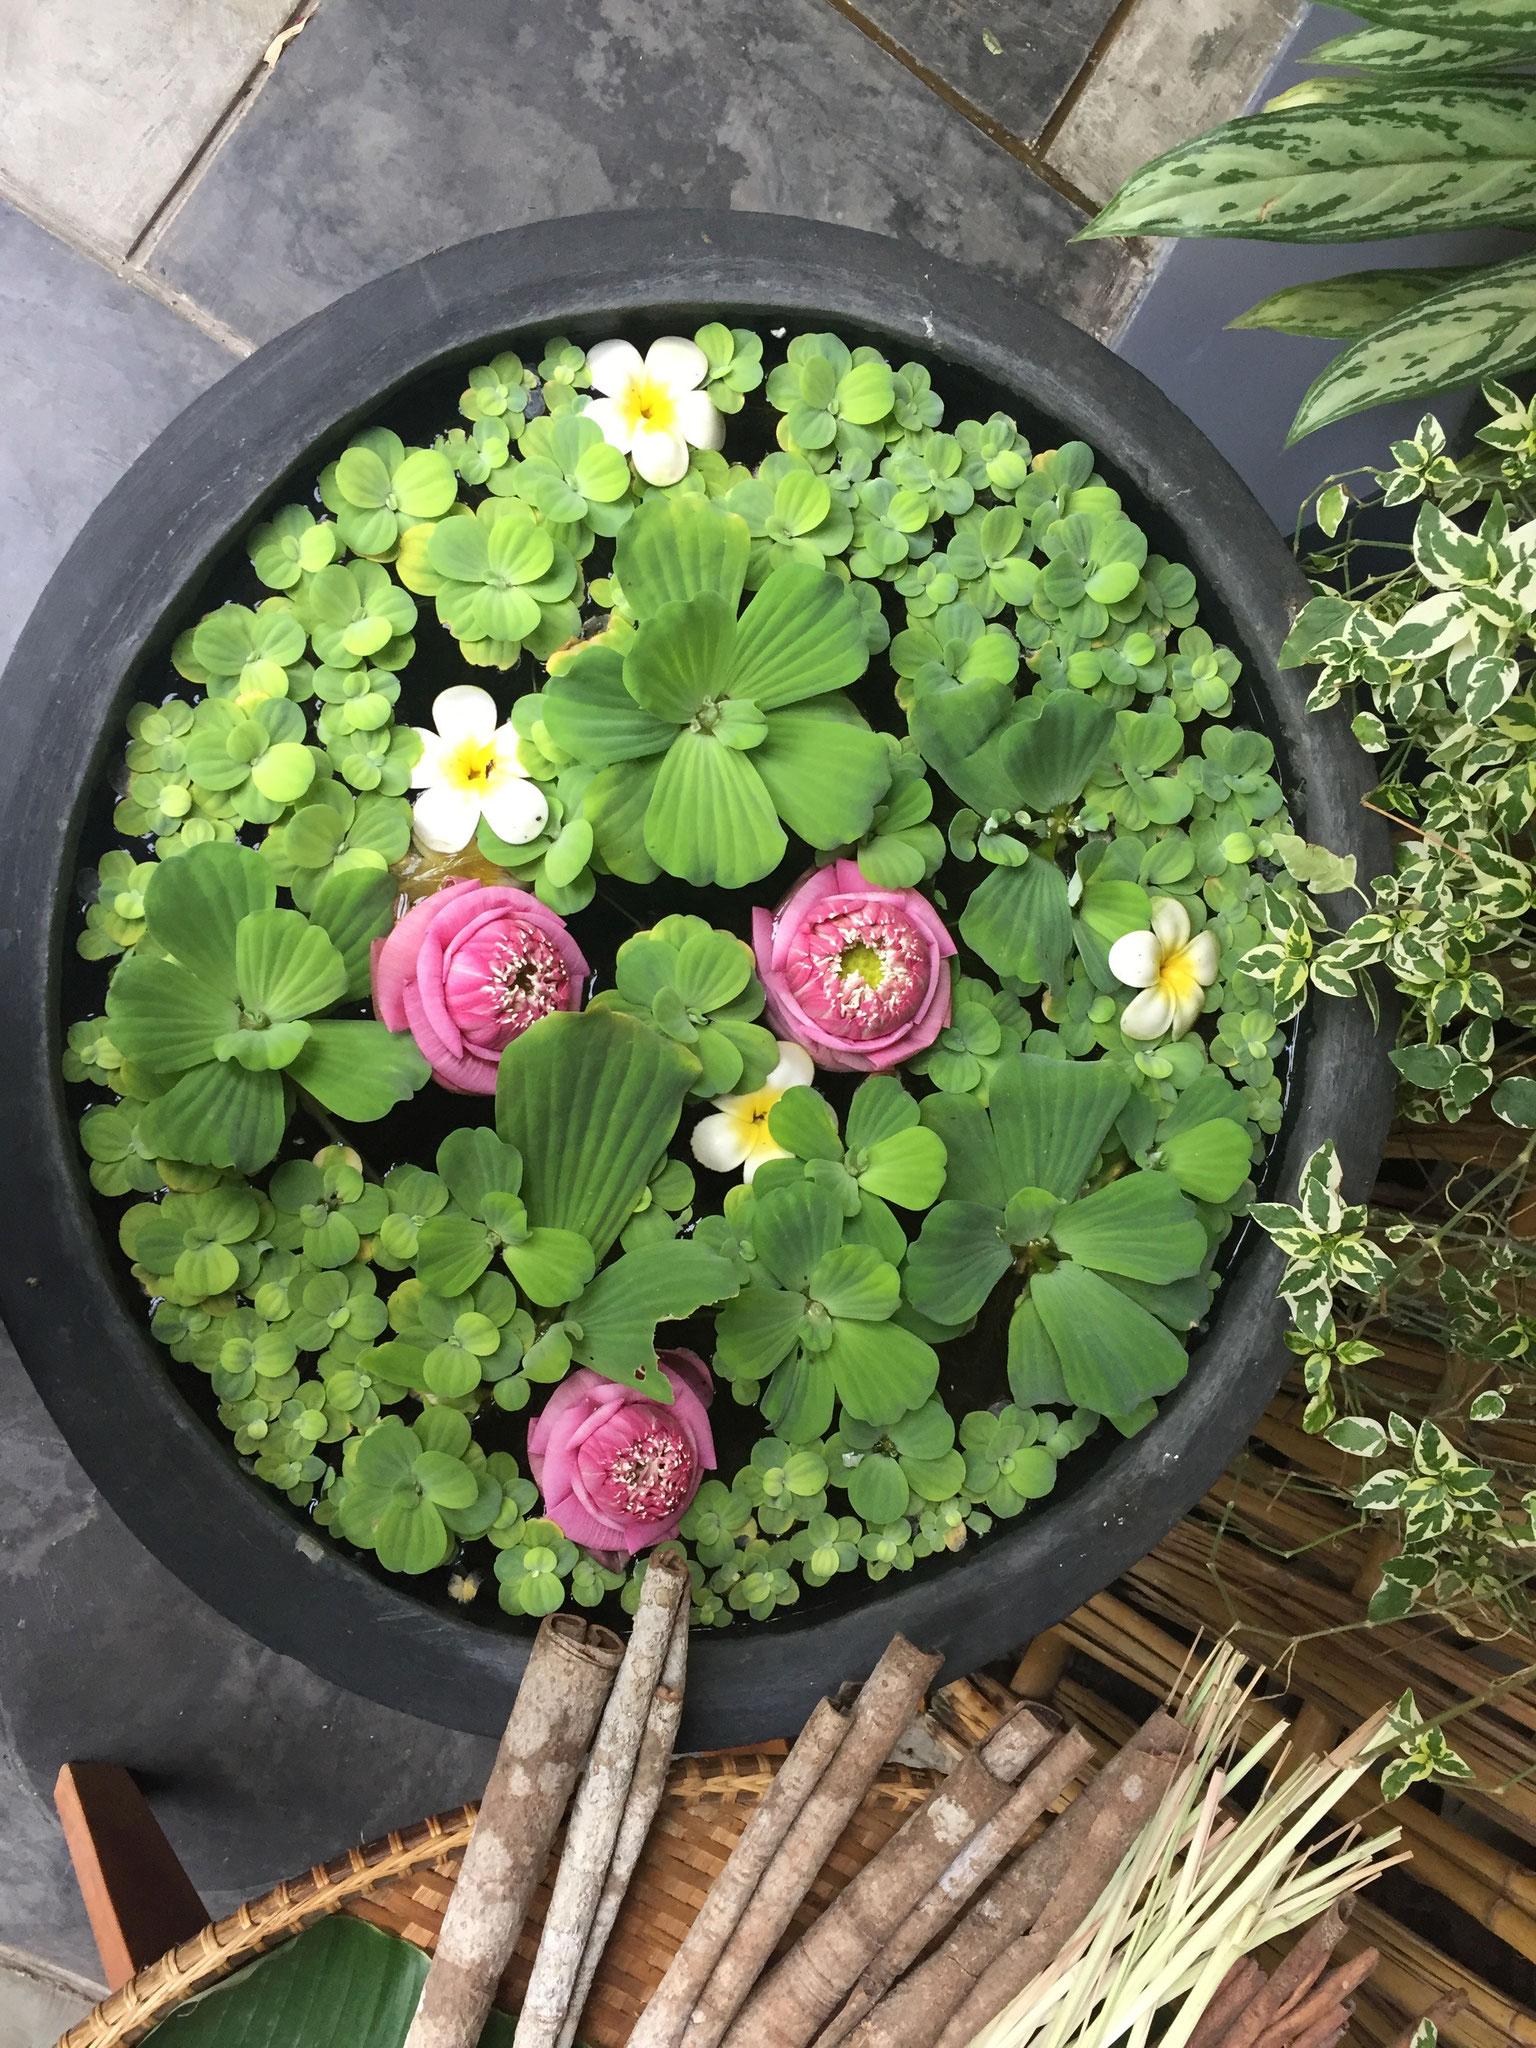 Wenn du eine Blume magst pflückst du sie. Wenn du sie liebst gibst du ihr täglich Wasser. Wer das versteht, versteht das Leben. Buddha